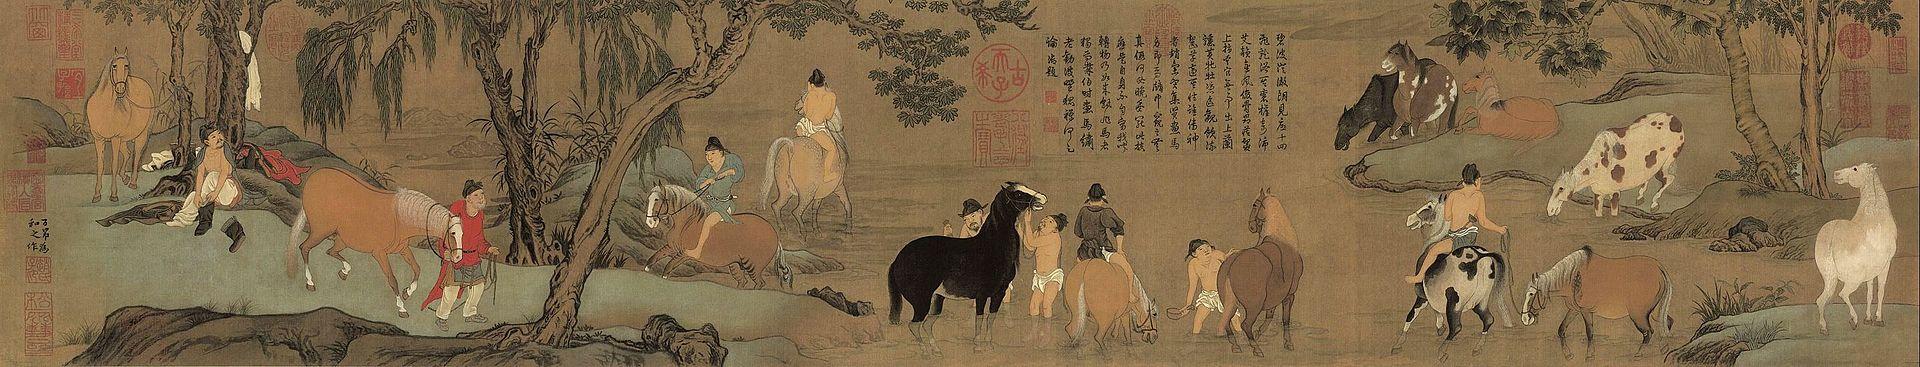 Zhao_Mengfu._Bathing_Horses._28.1_x_155.5_cm_Palace_Museum,_Beijing..jpg